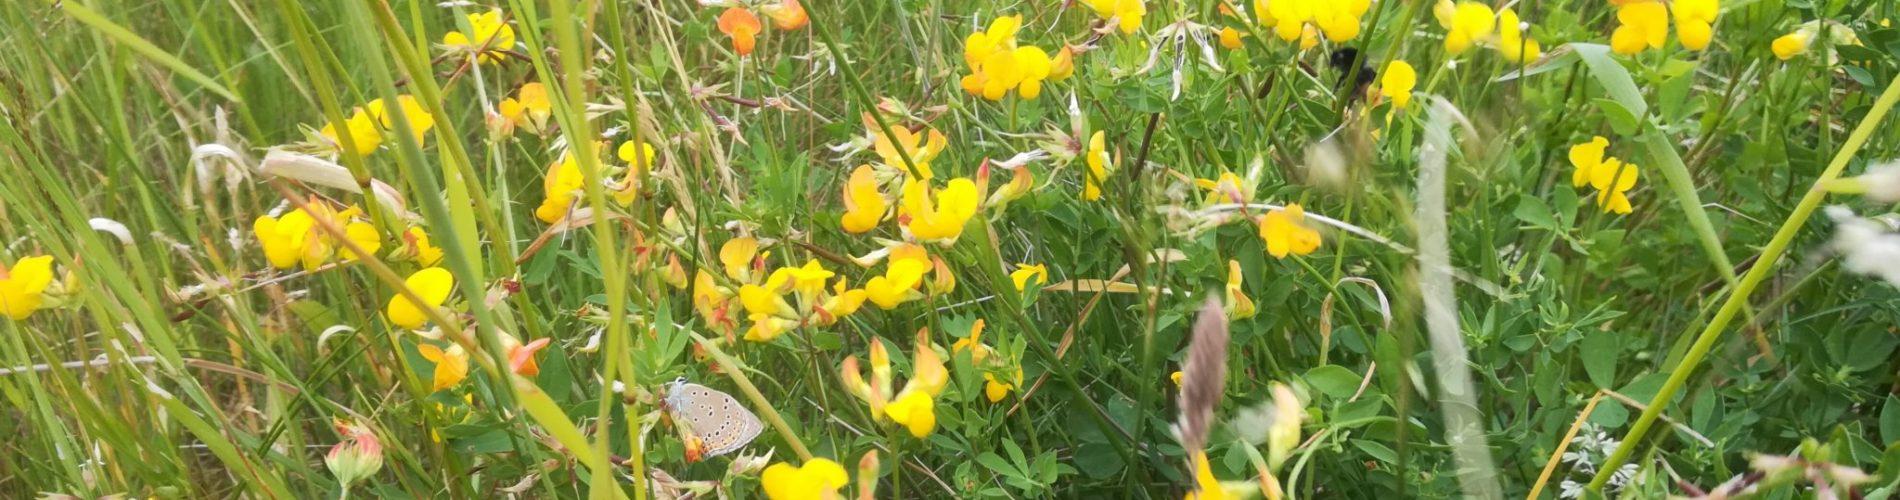 En stor klynge af Almindelig Kællingetand (Lotus corniculatus) på Flyvestation Værløse, midt i blomsterne sidder en sommerfugl Violetrandet Ildfugl (Lycaena hippothoe) sammen med en bi jeg ikke kender artsnavnet på.